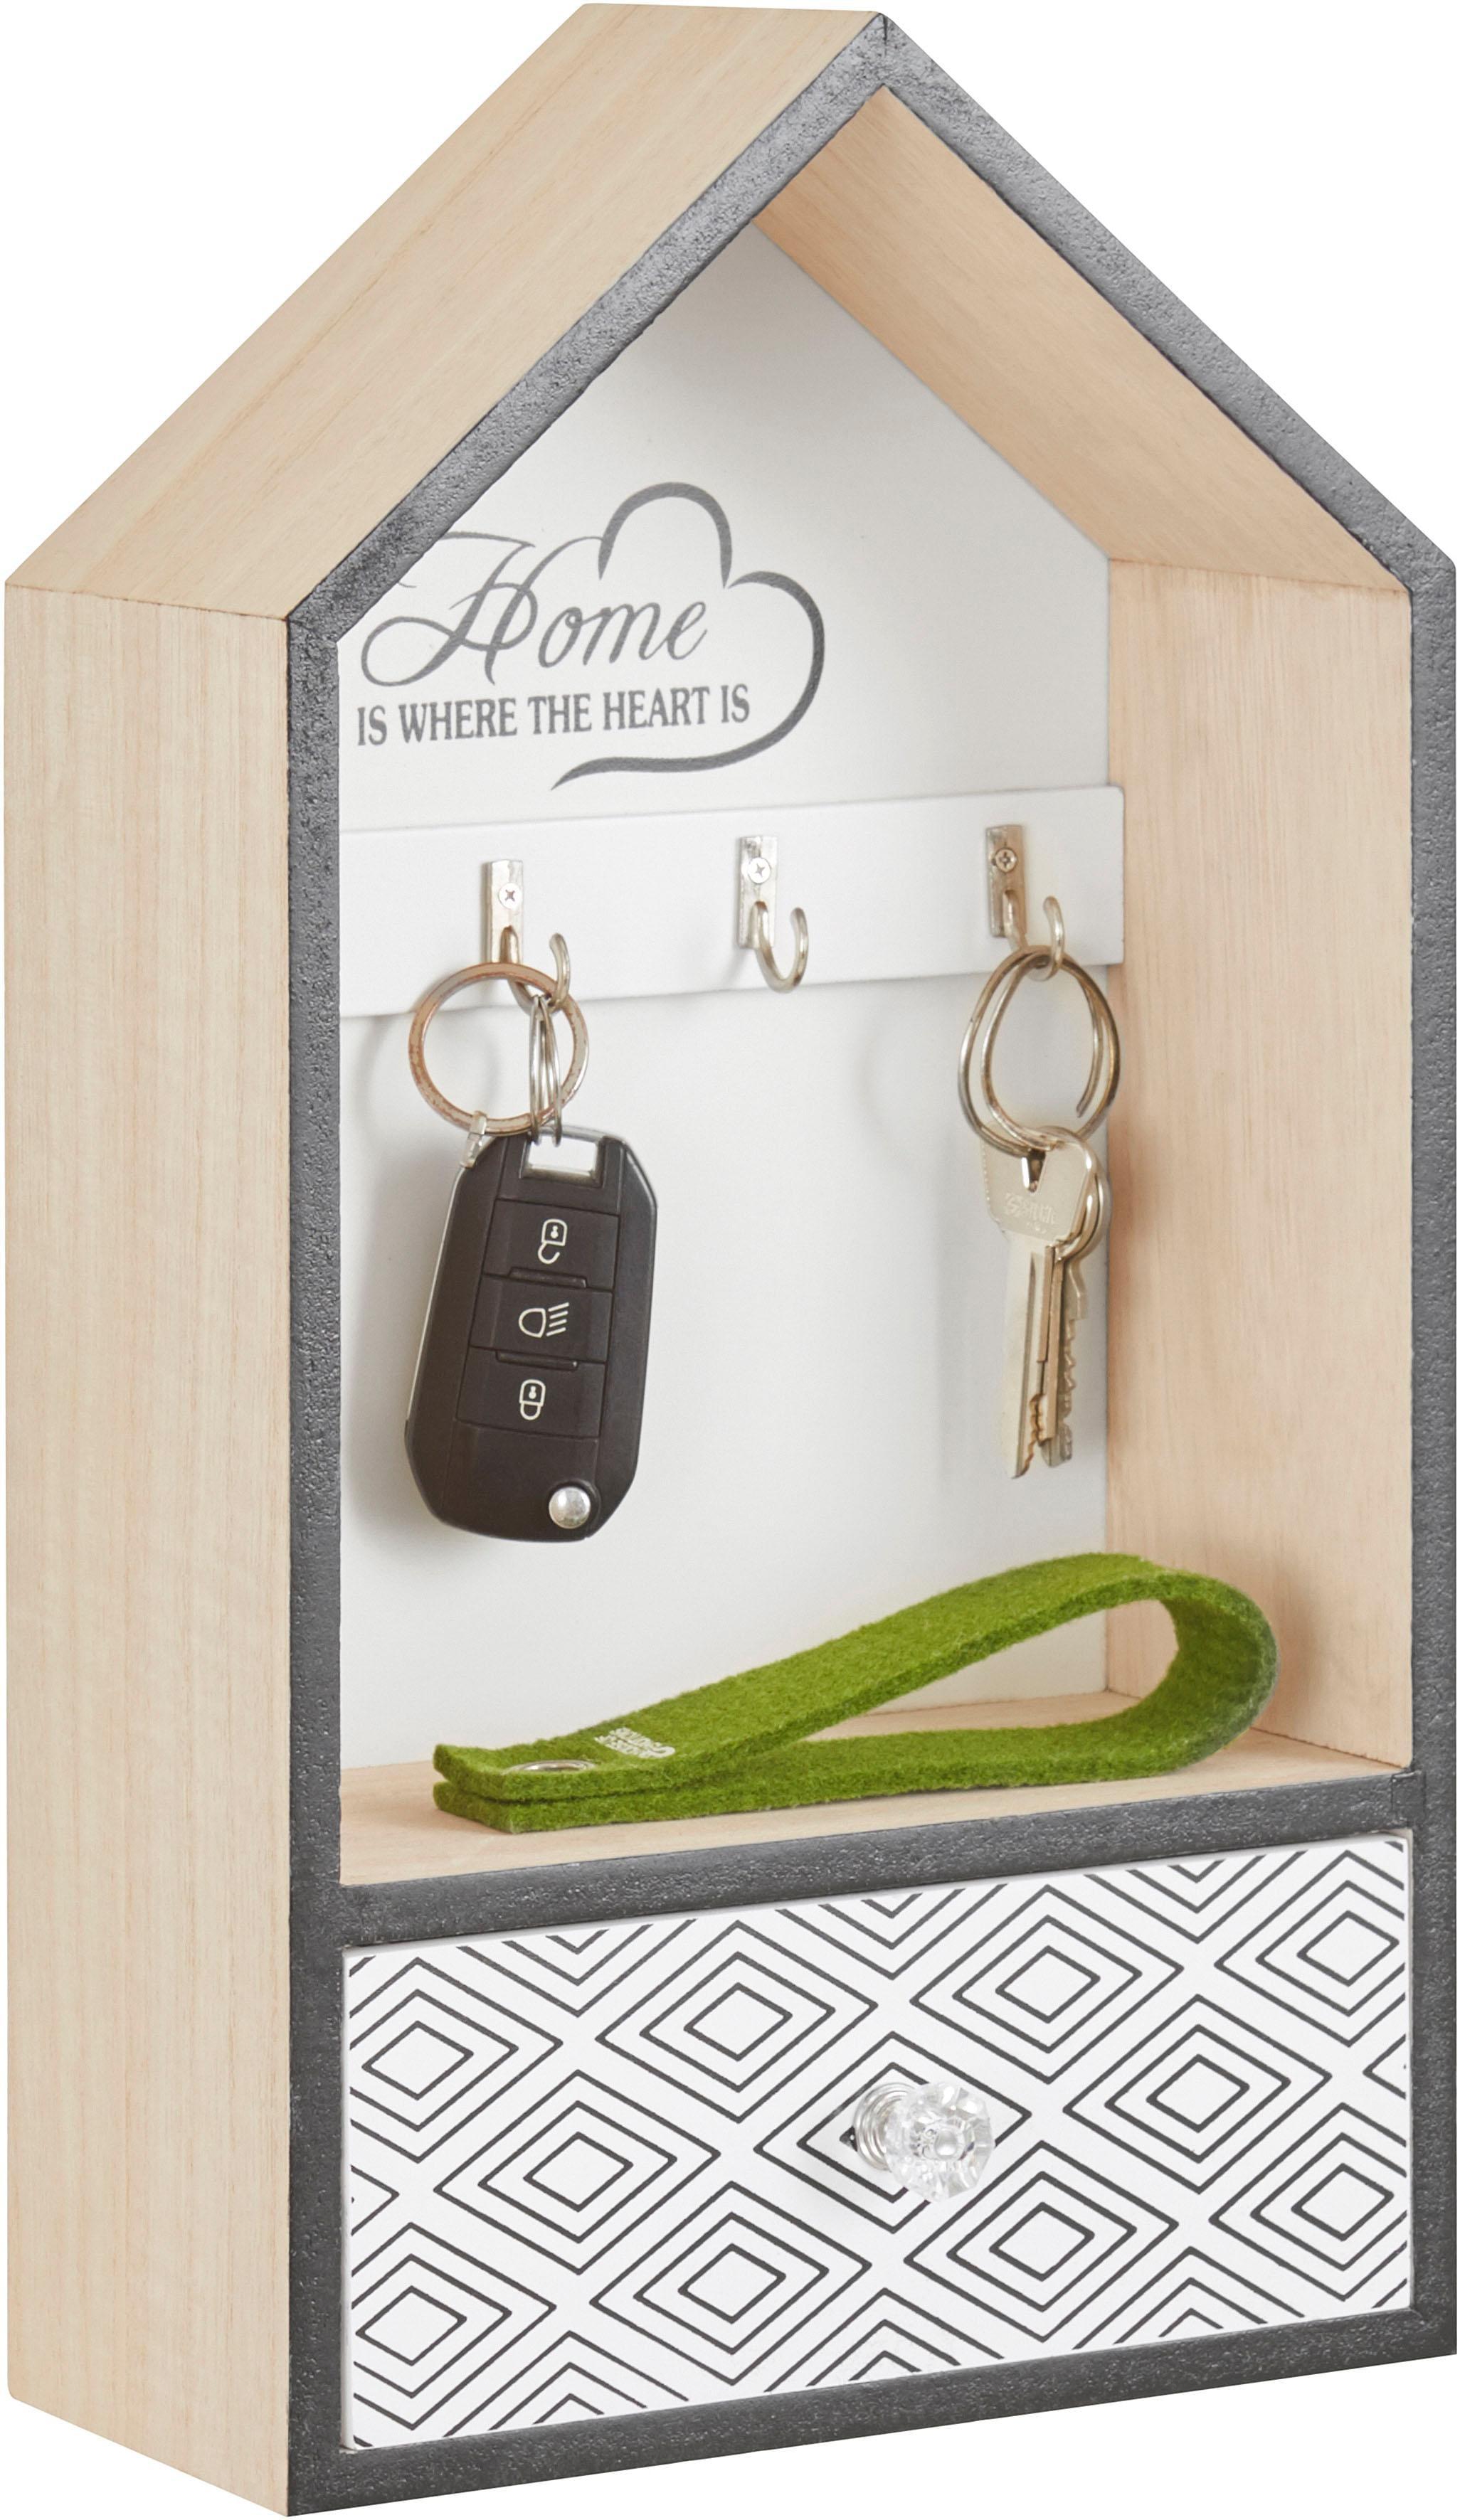 Home affaire Schlüsselkasten Wohnen/Möbel/Garderoben/Schlüsselkästen